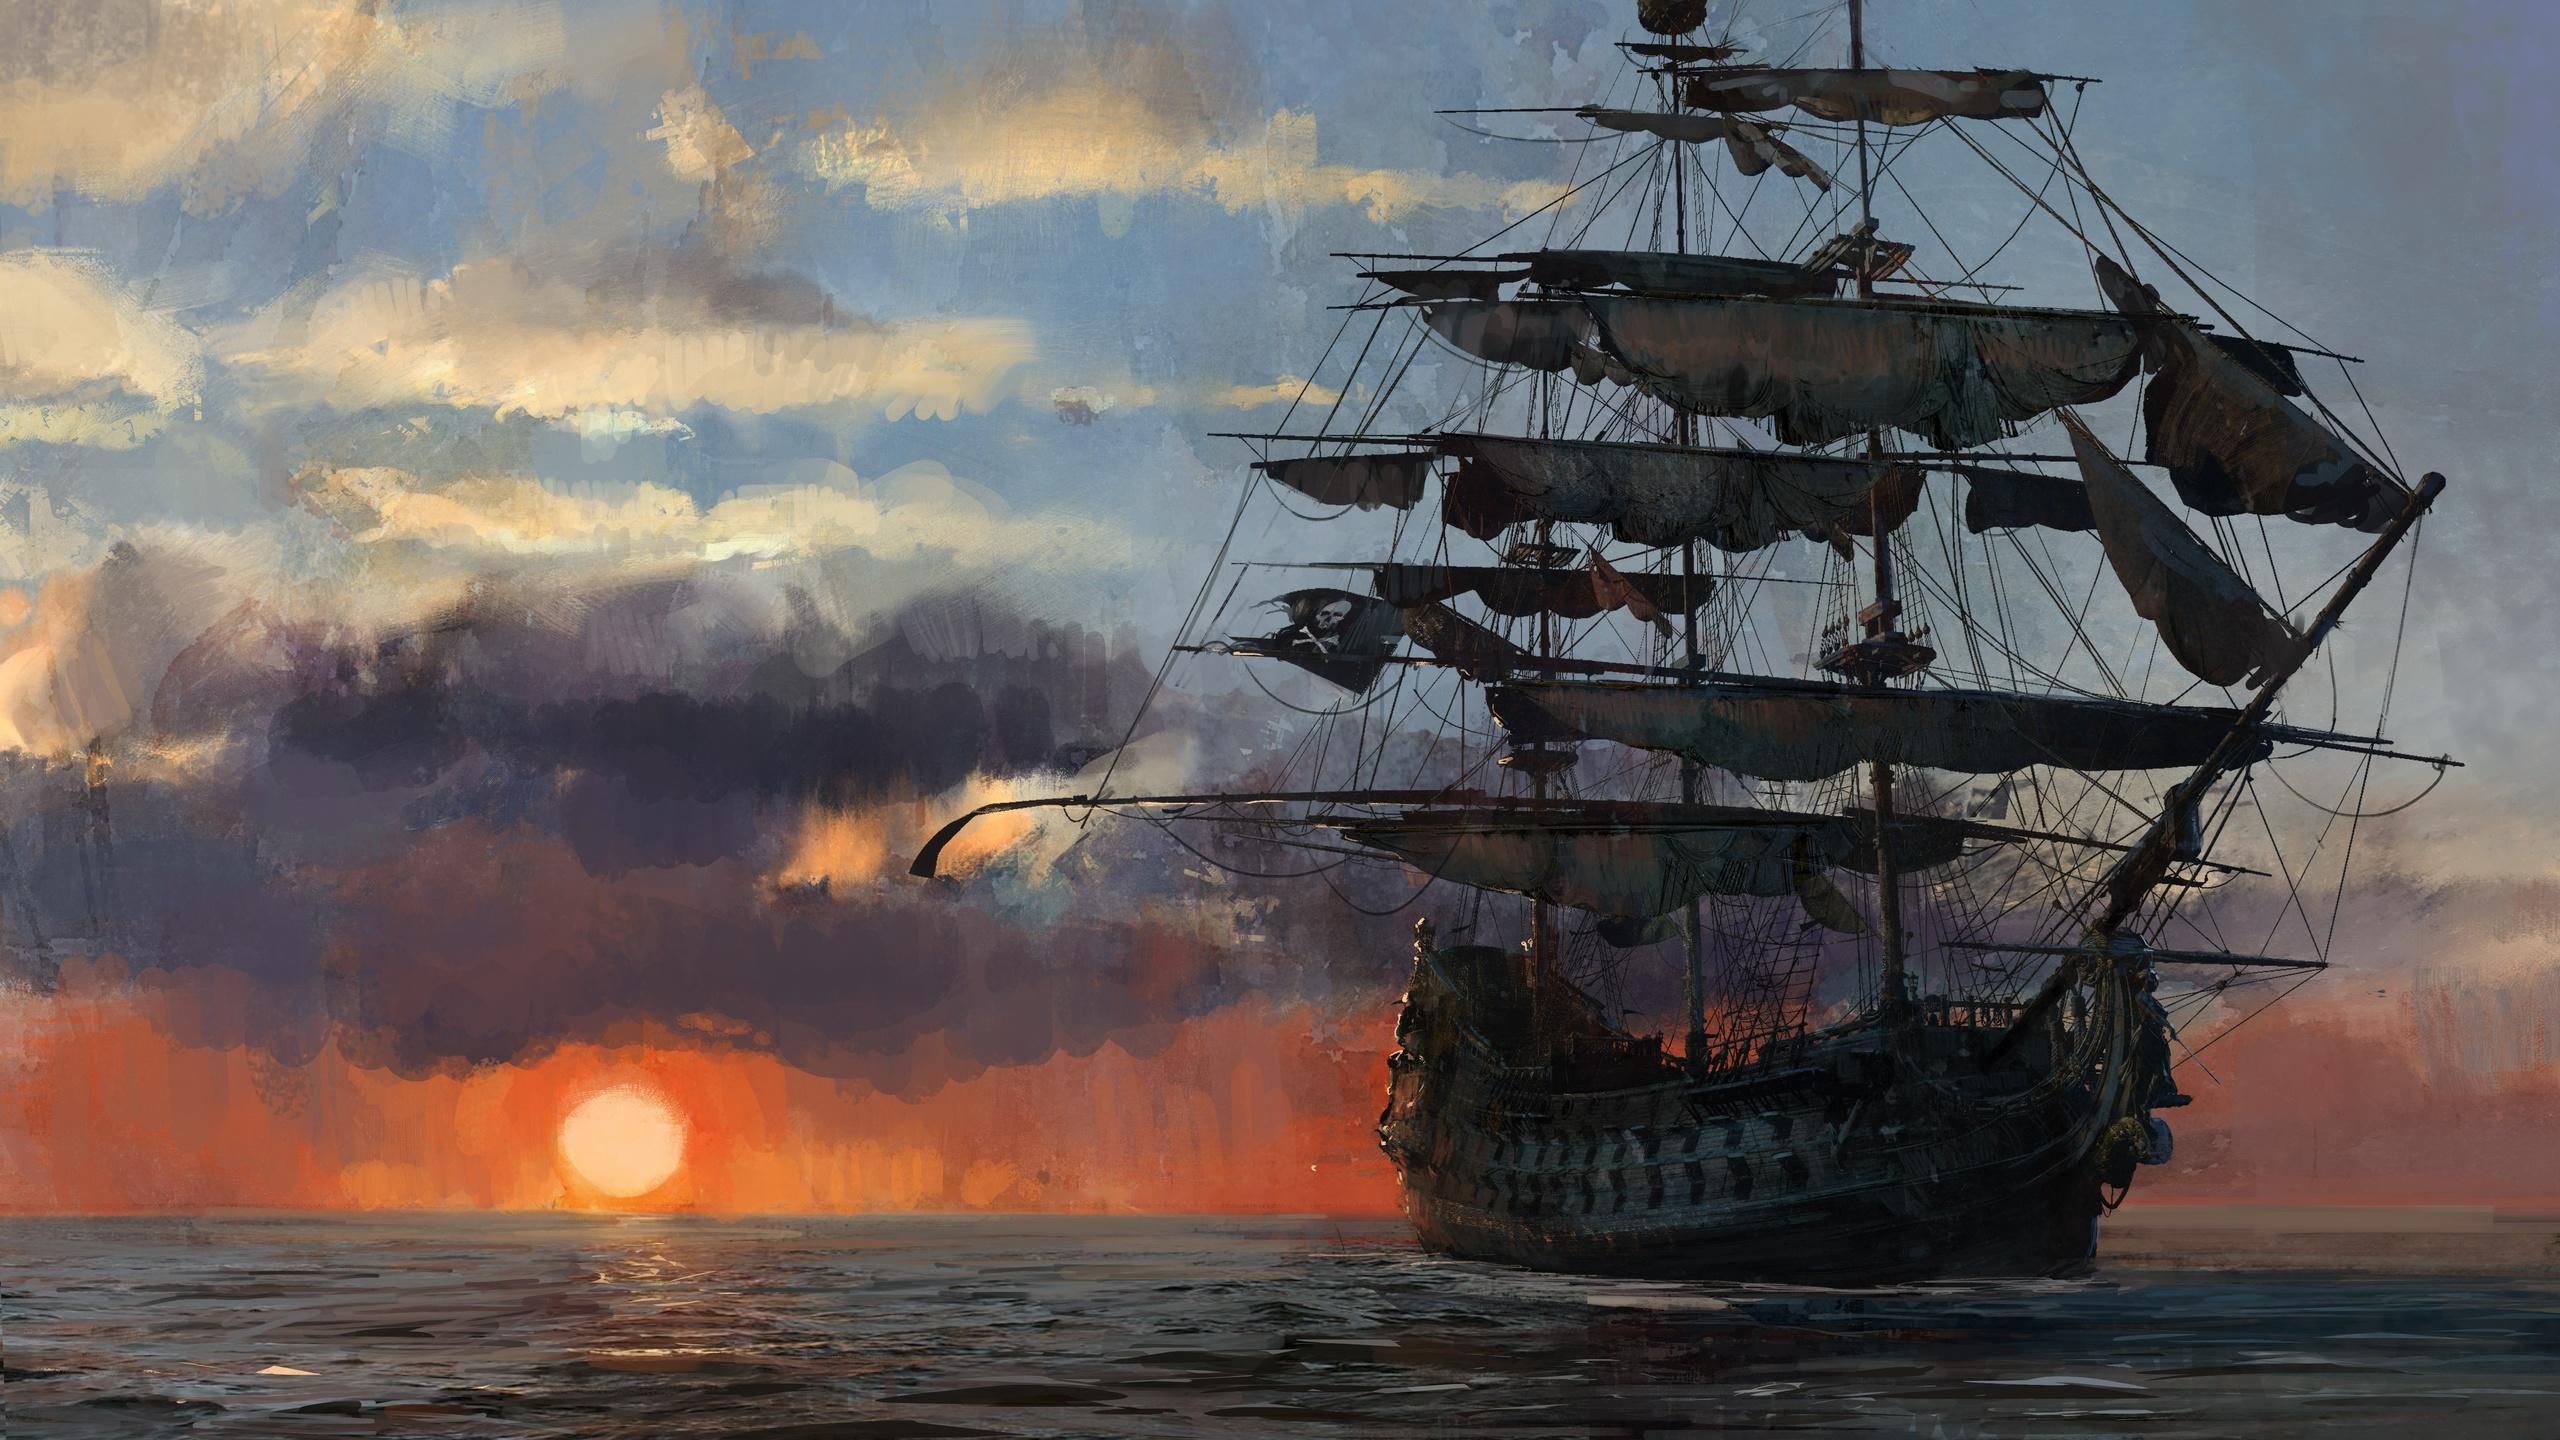 Картинки пиратских кораблей, руками